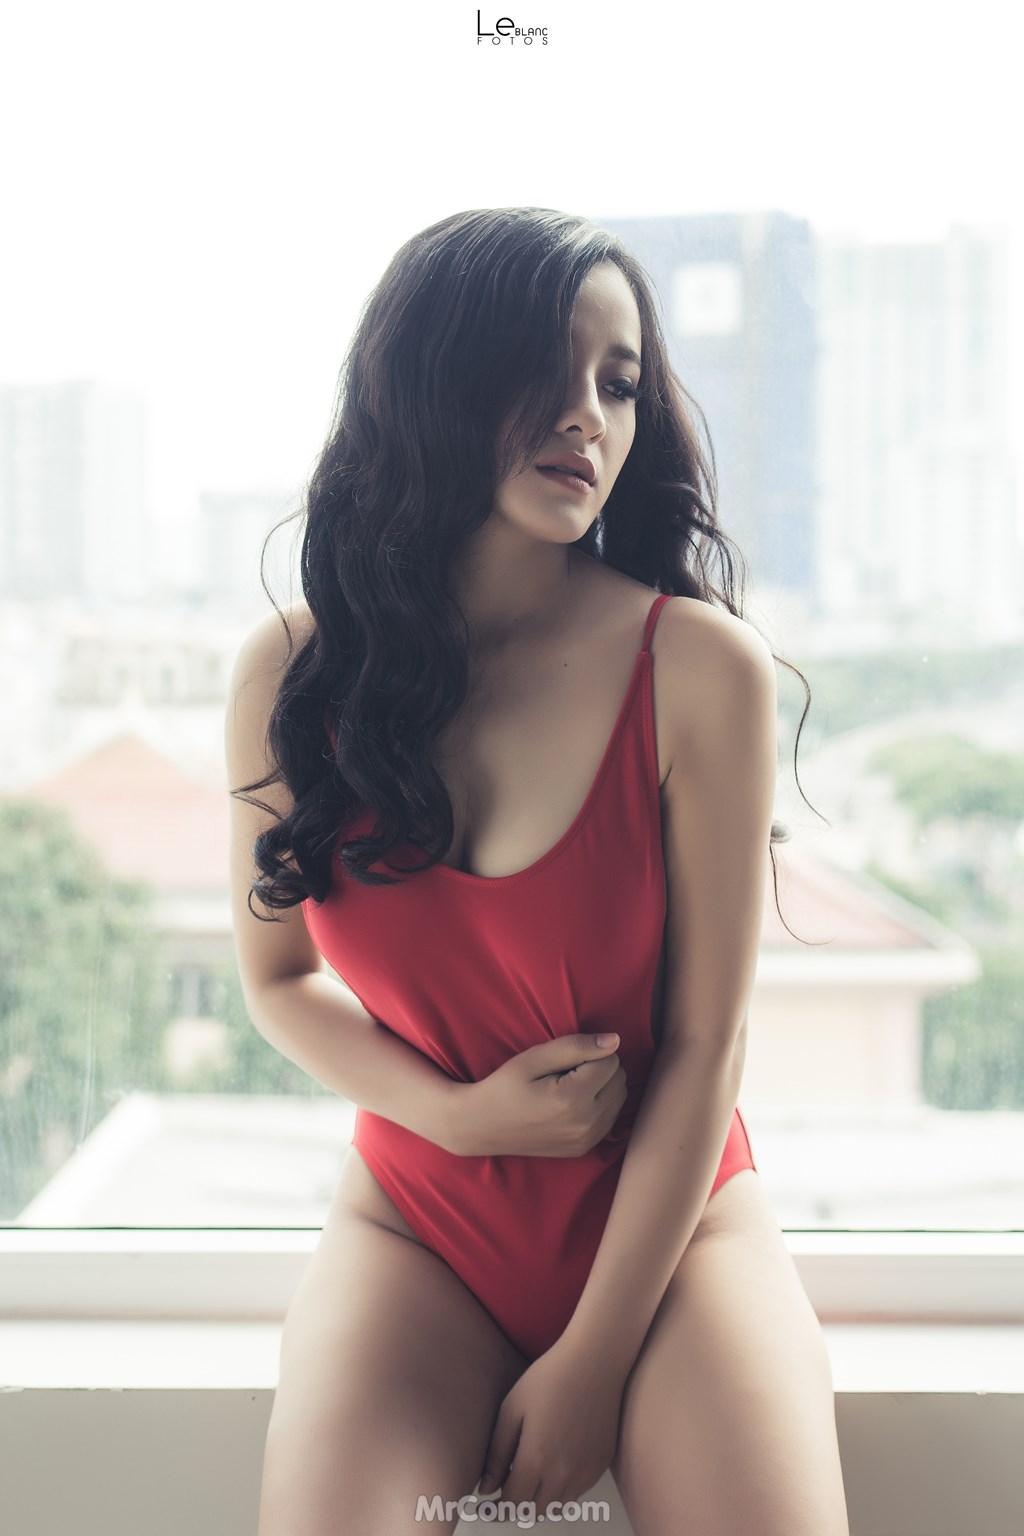 Image Sexy-Vietnamese-Models-by-Le-Blanc-Studio-Phan-3-MrCong.com-002 in post Những bức ảnh nội y, bikini siêu nóng bỏng của Le Blanc Studio – Phần 3 (446 ảnh)